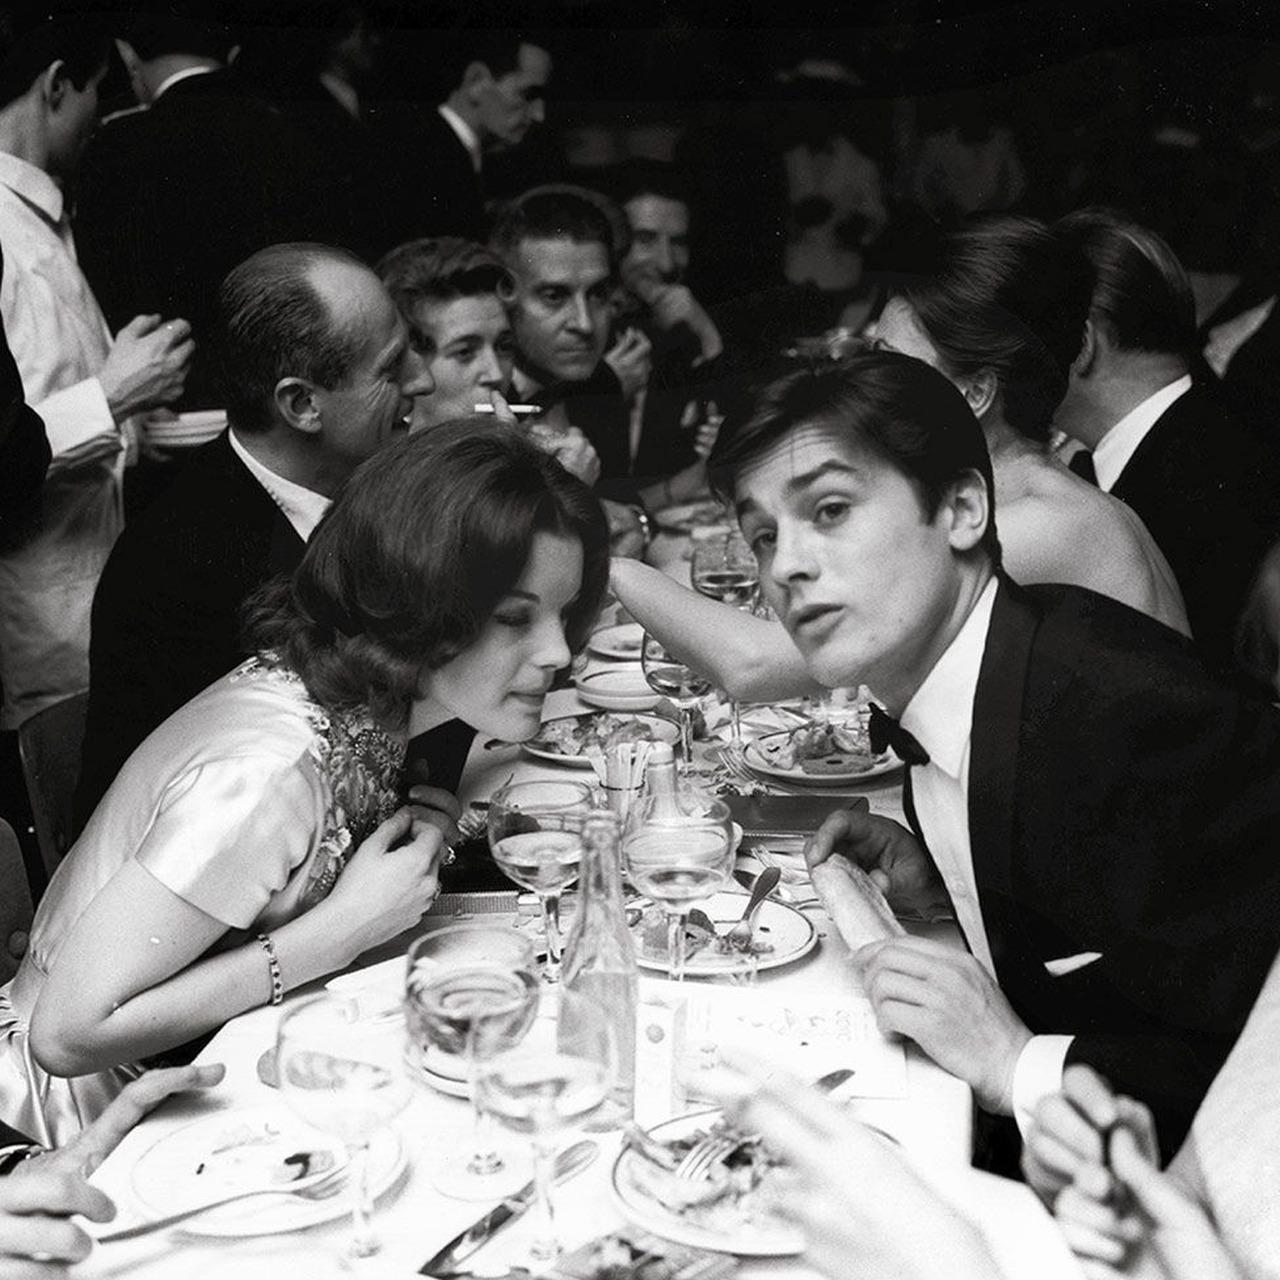 Fotó: Paul Almásy: Romy Schneider és Alain Delon, 1961, 18 x 24 cm, zselatinos ezüst, Magyar Fotográfiai Múzeum